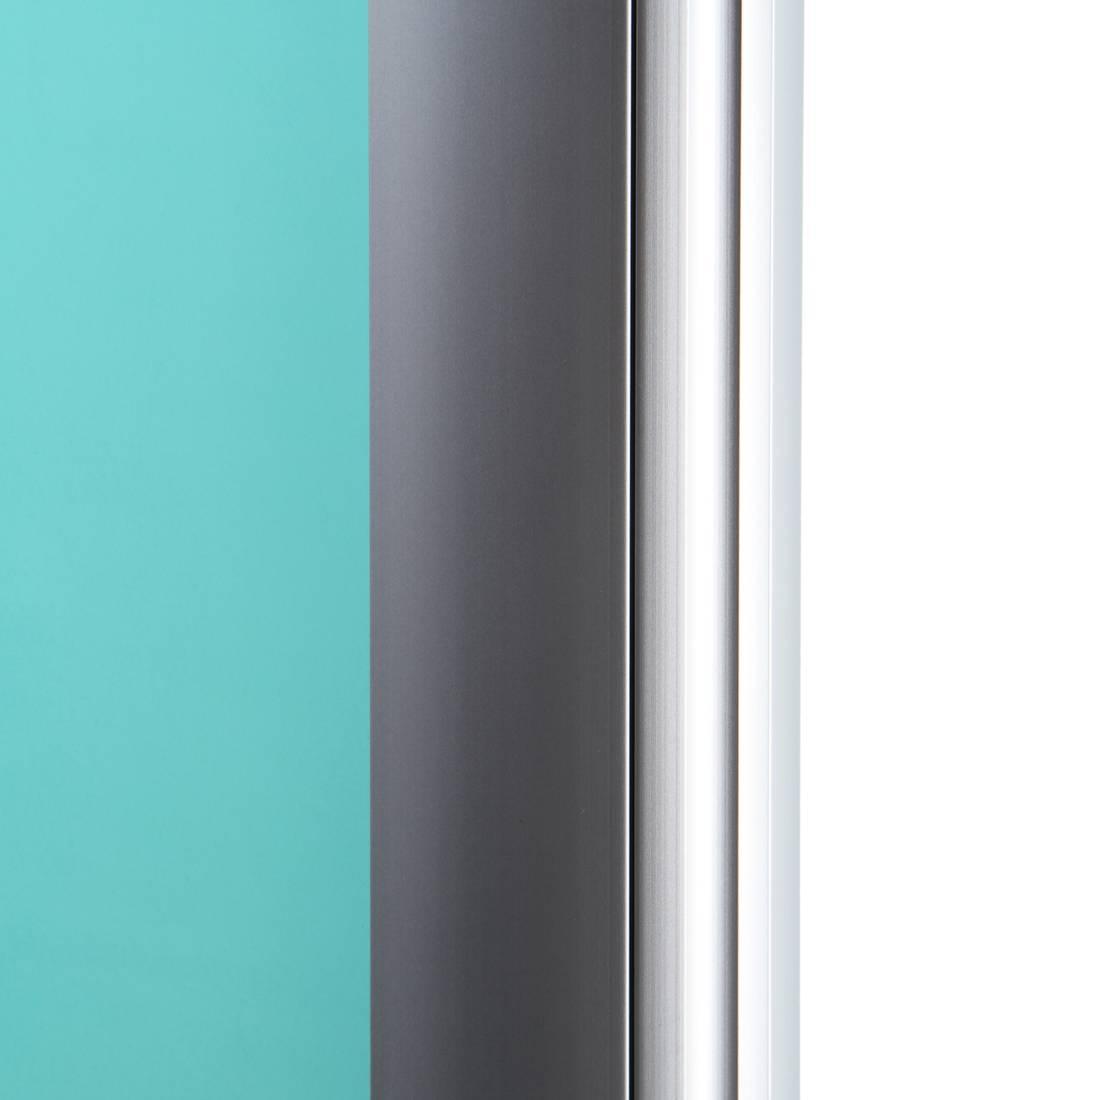 Podświetlany dwustronny totem reklamowy (format 2 x A1)